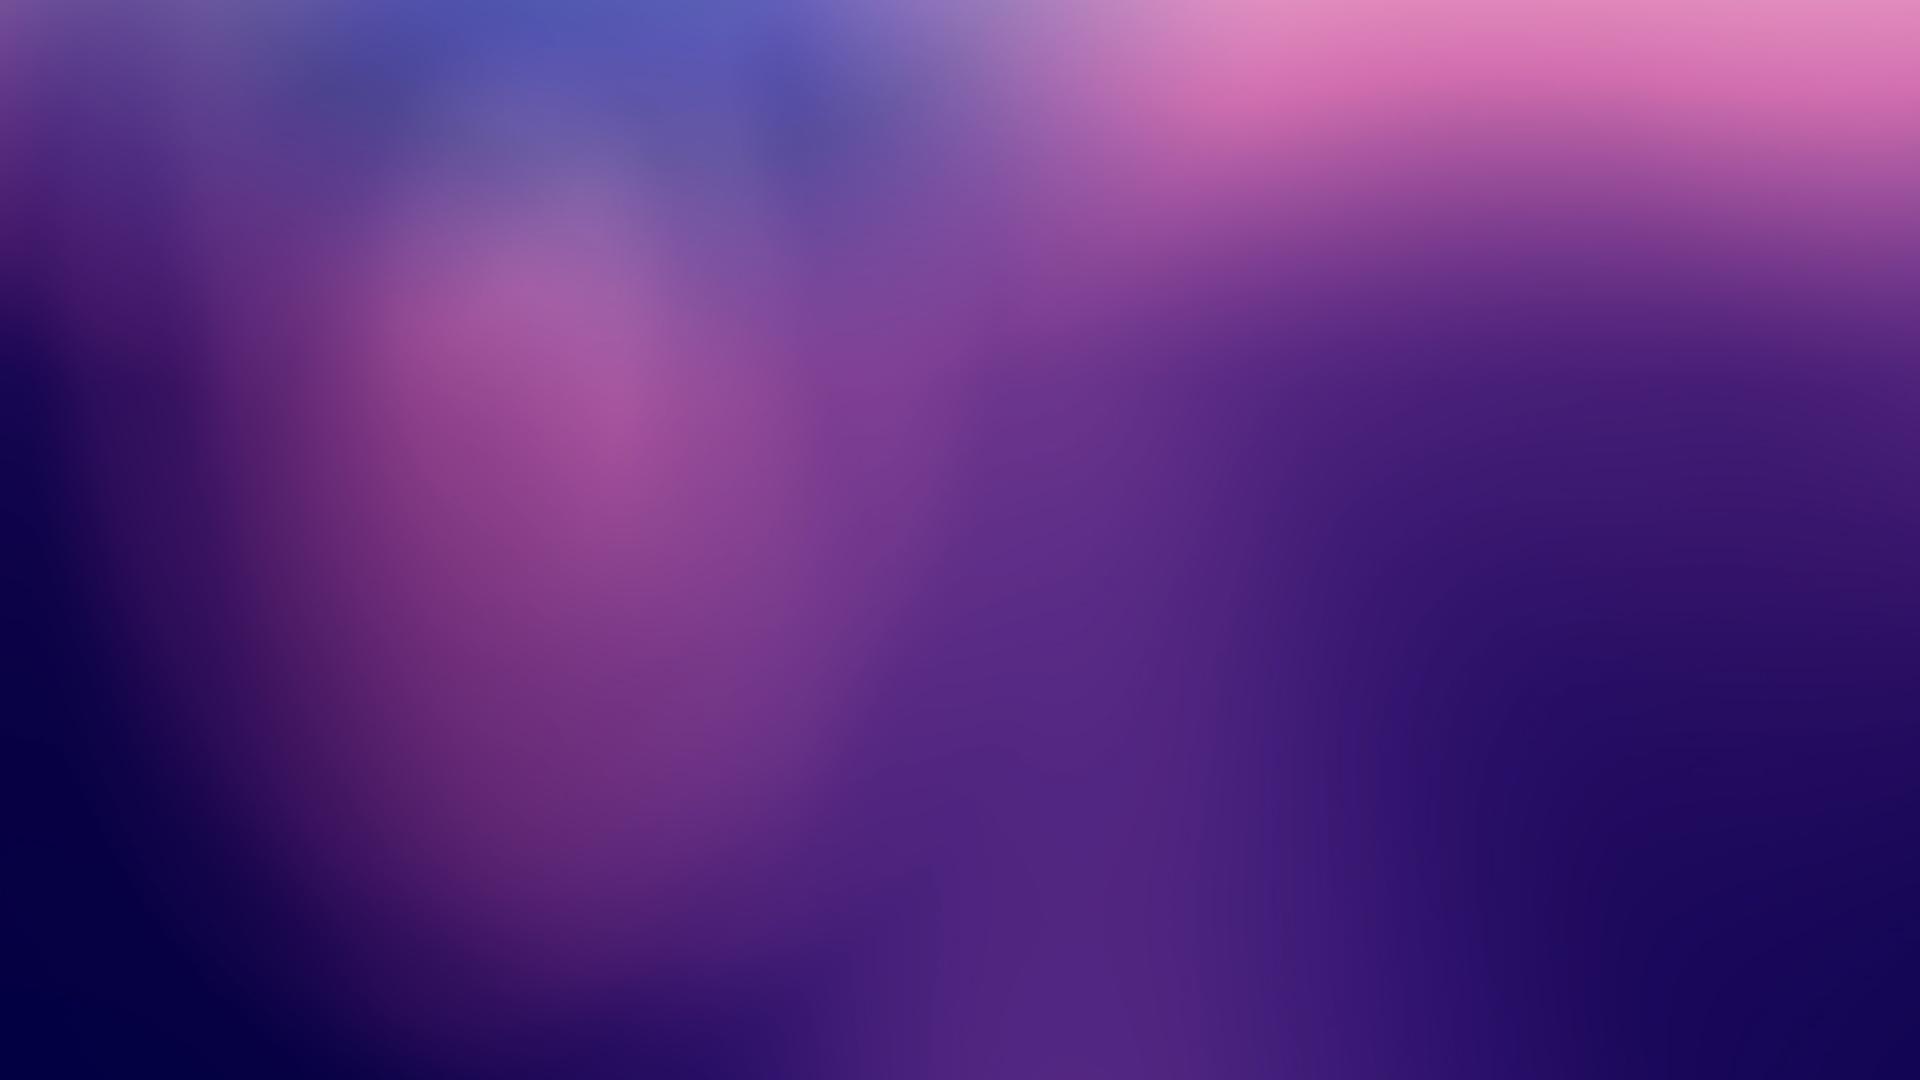 1920 x 1080 jpeg 306kBPurple